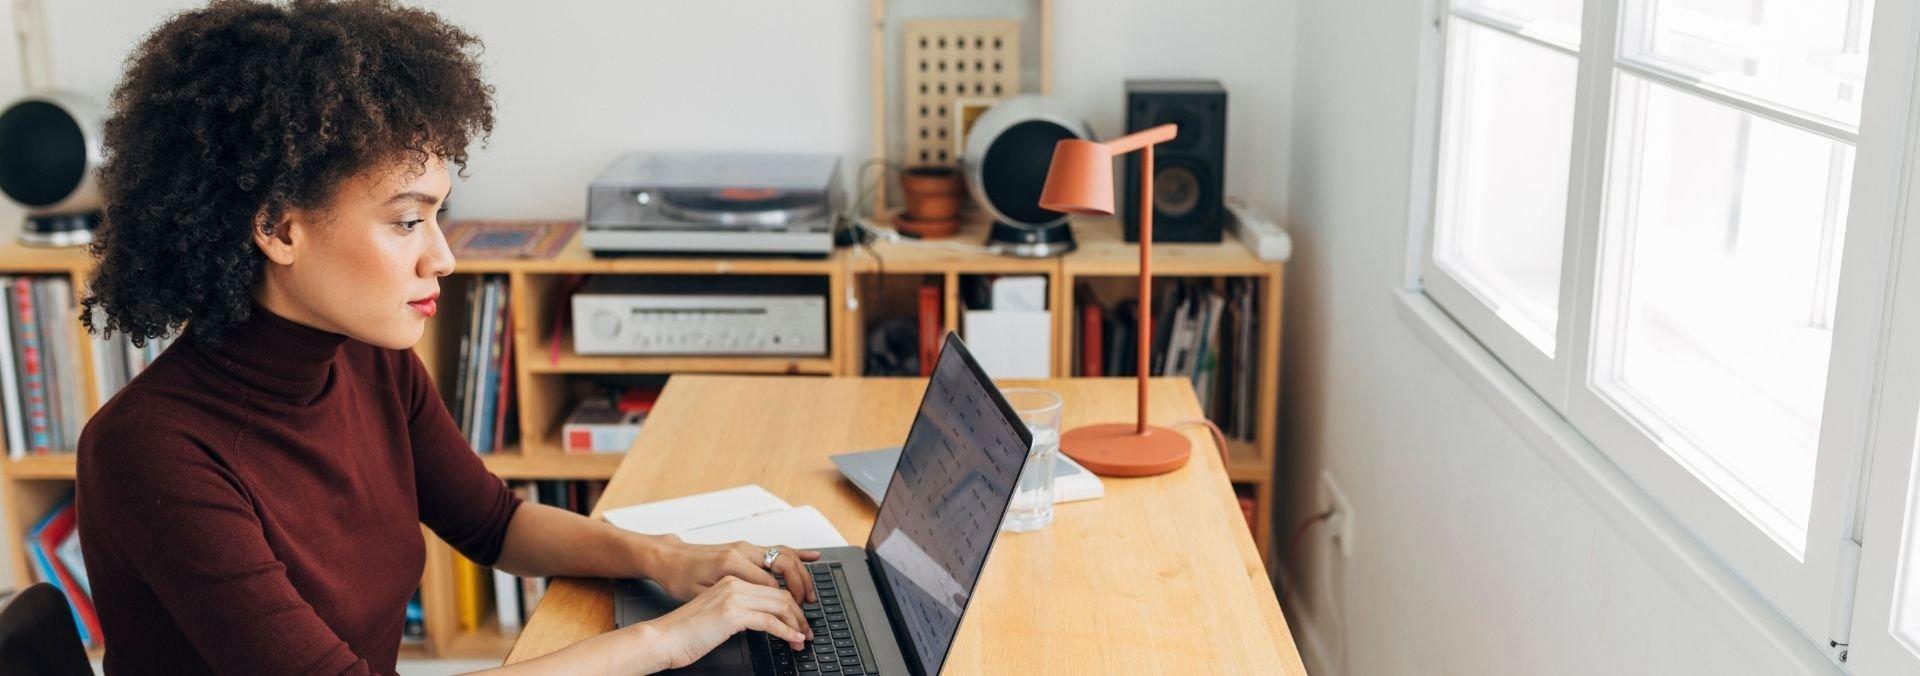 online learner in class